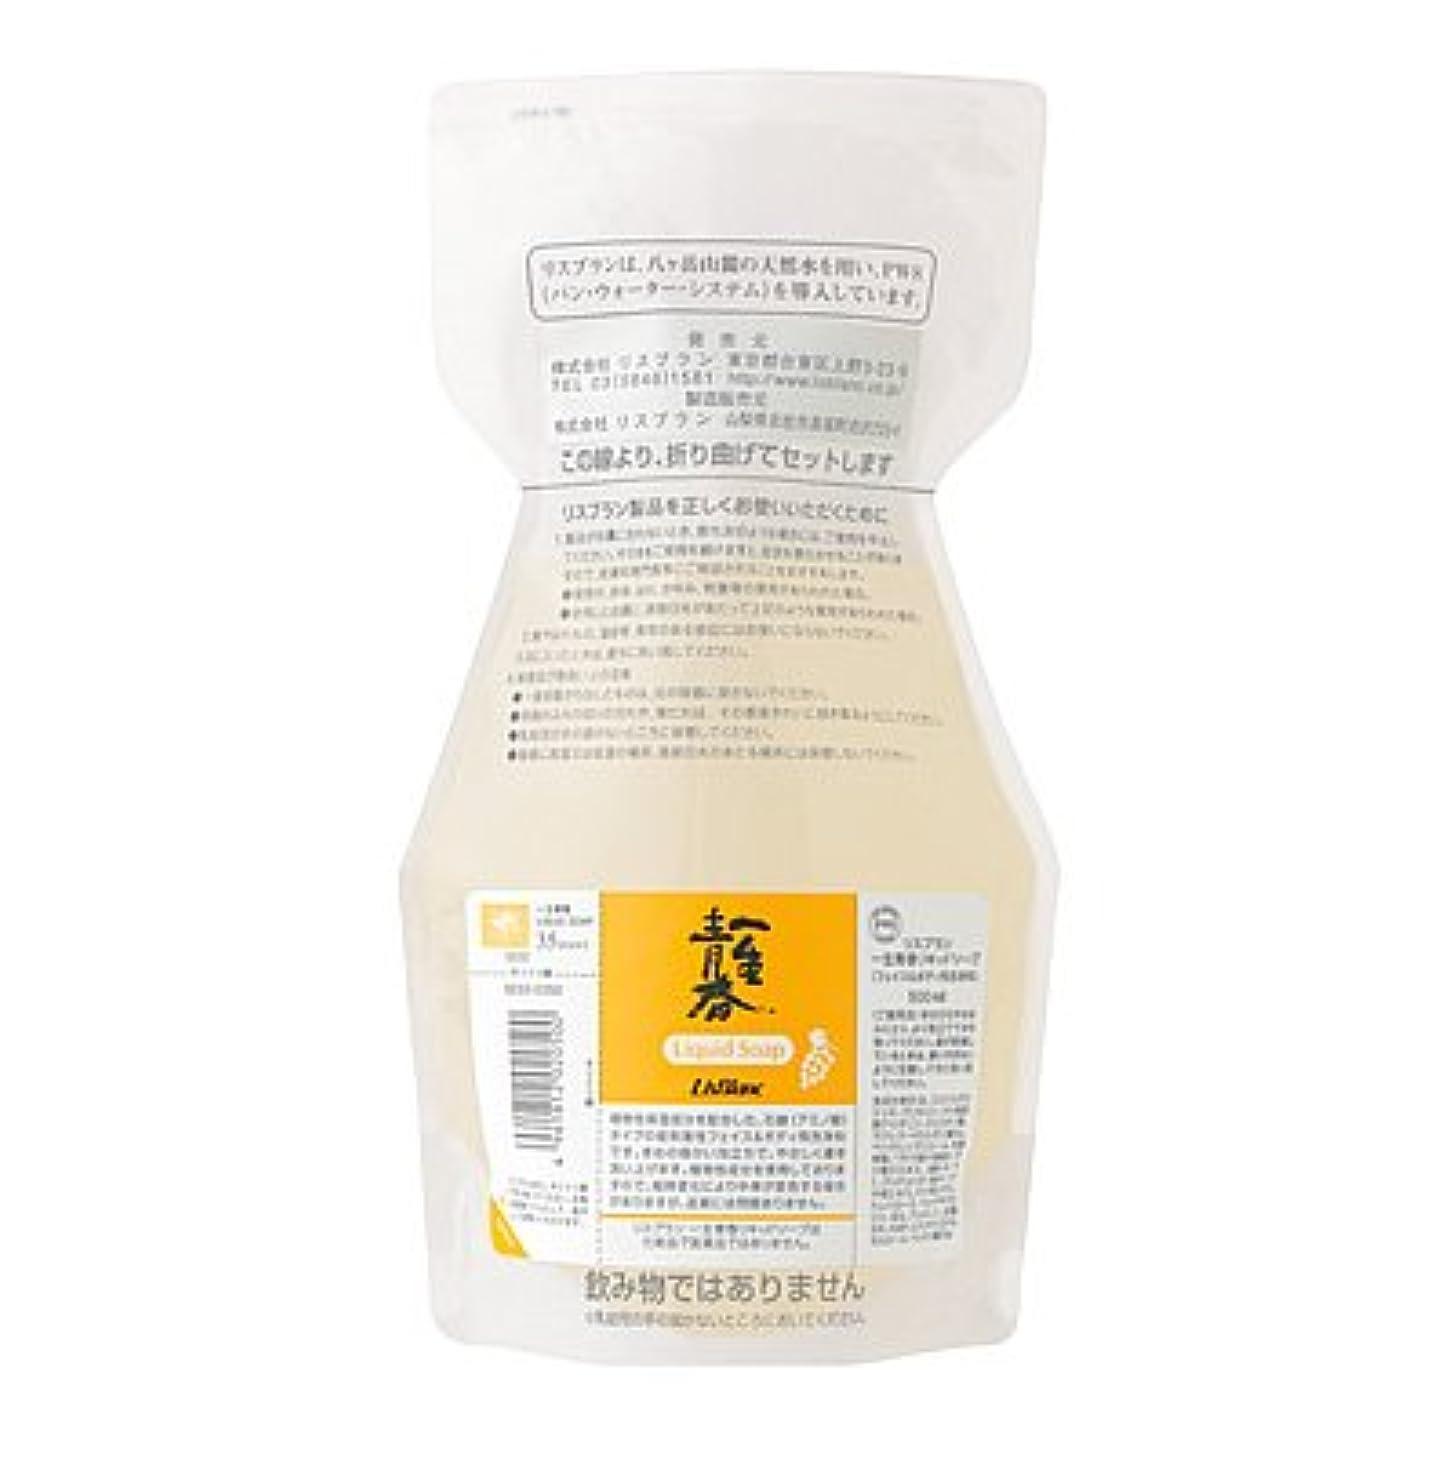 同意する資産ペーストリスブラン 一生青春リキッドソープ 全身用洗浄剤 500mL 省資源パウチ袋タイプ